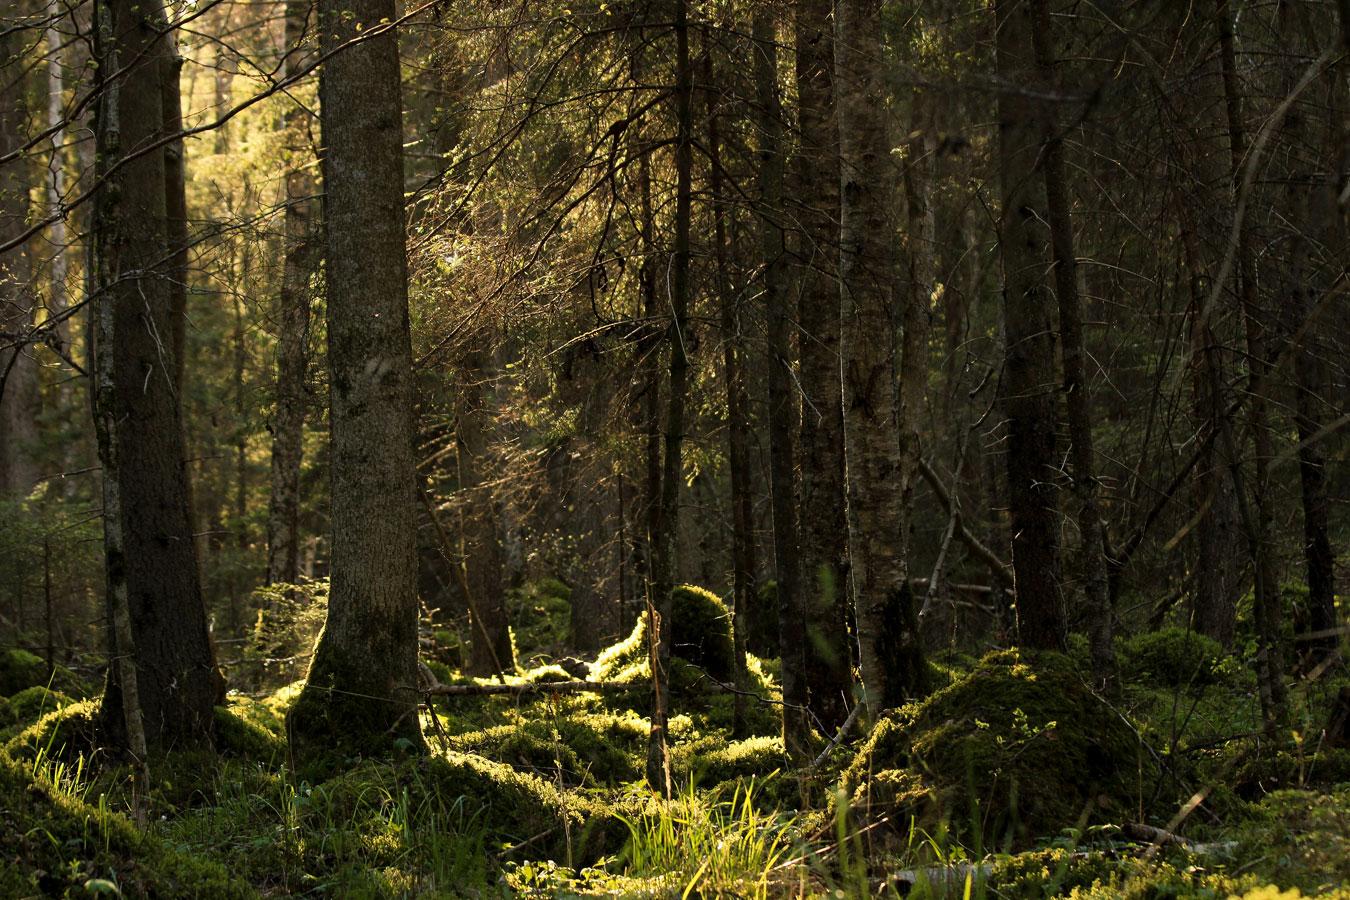 Лес, защищающий волшебный родник, © Марис Сепп, Деревня Лыупыллу, приход Ямая, Сааремаа, Эстония, Родник наивысшей силы (Колдовской родник), Фотоконкурс «Священные рощи»